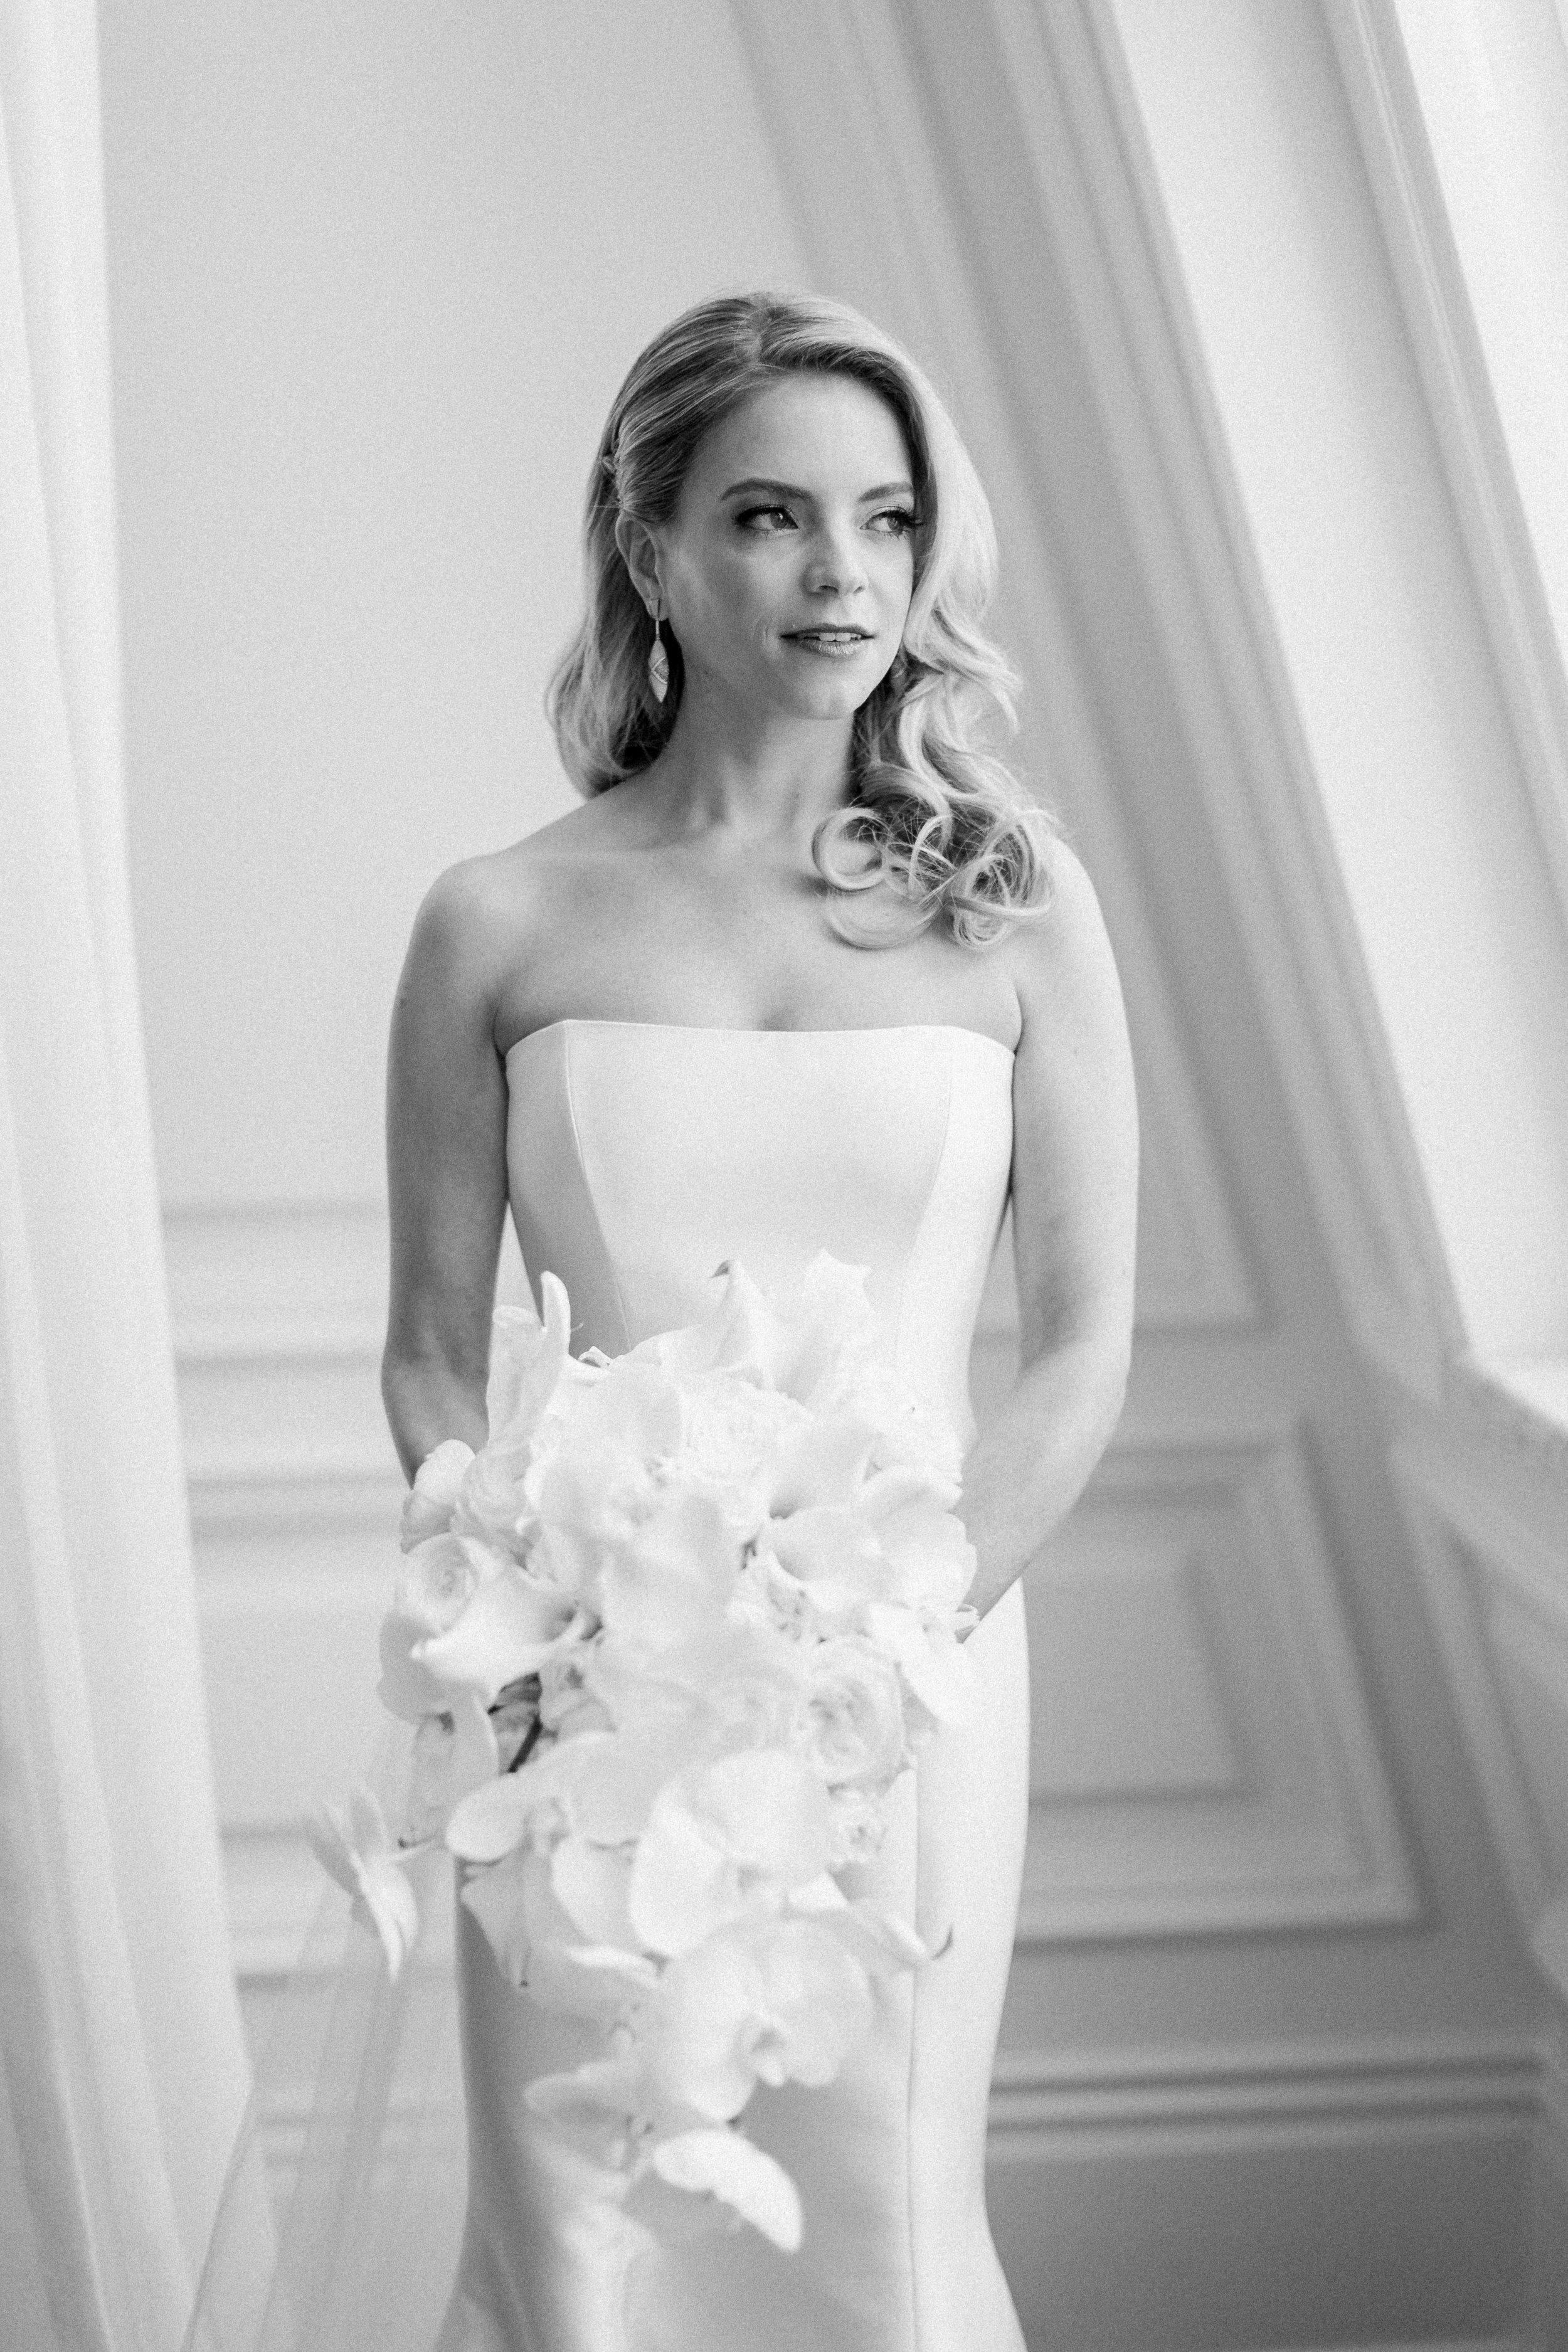 Getting Ready - Adolphus Wedding - Dallas Wedding Planner - Allday Events - 461.jpg